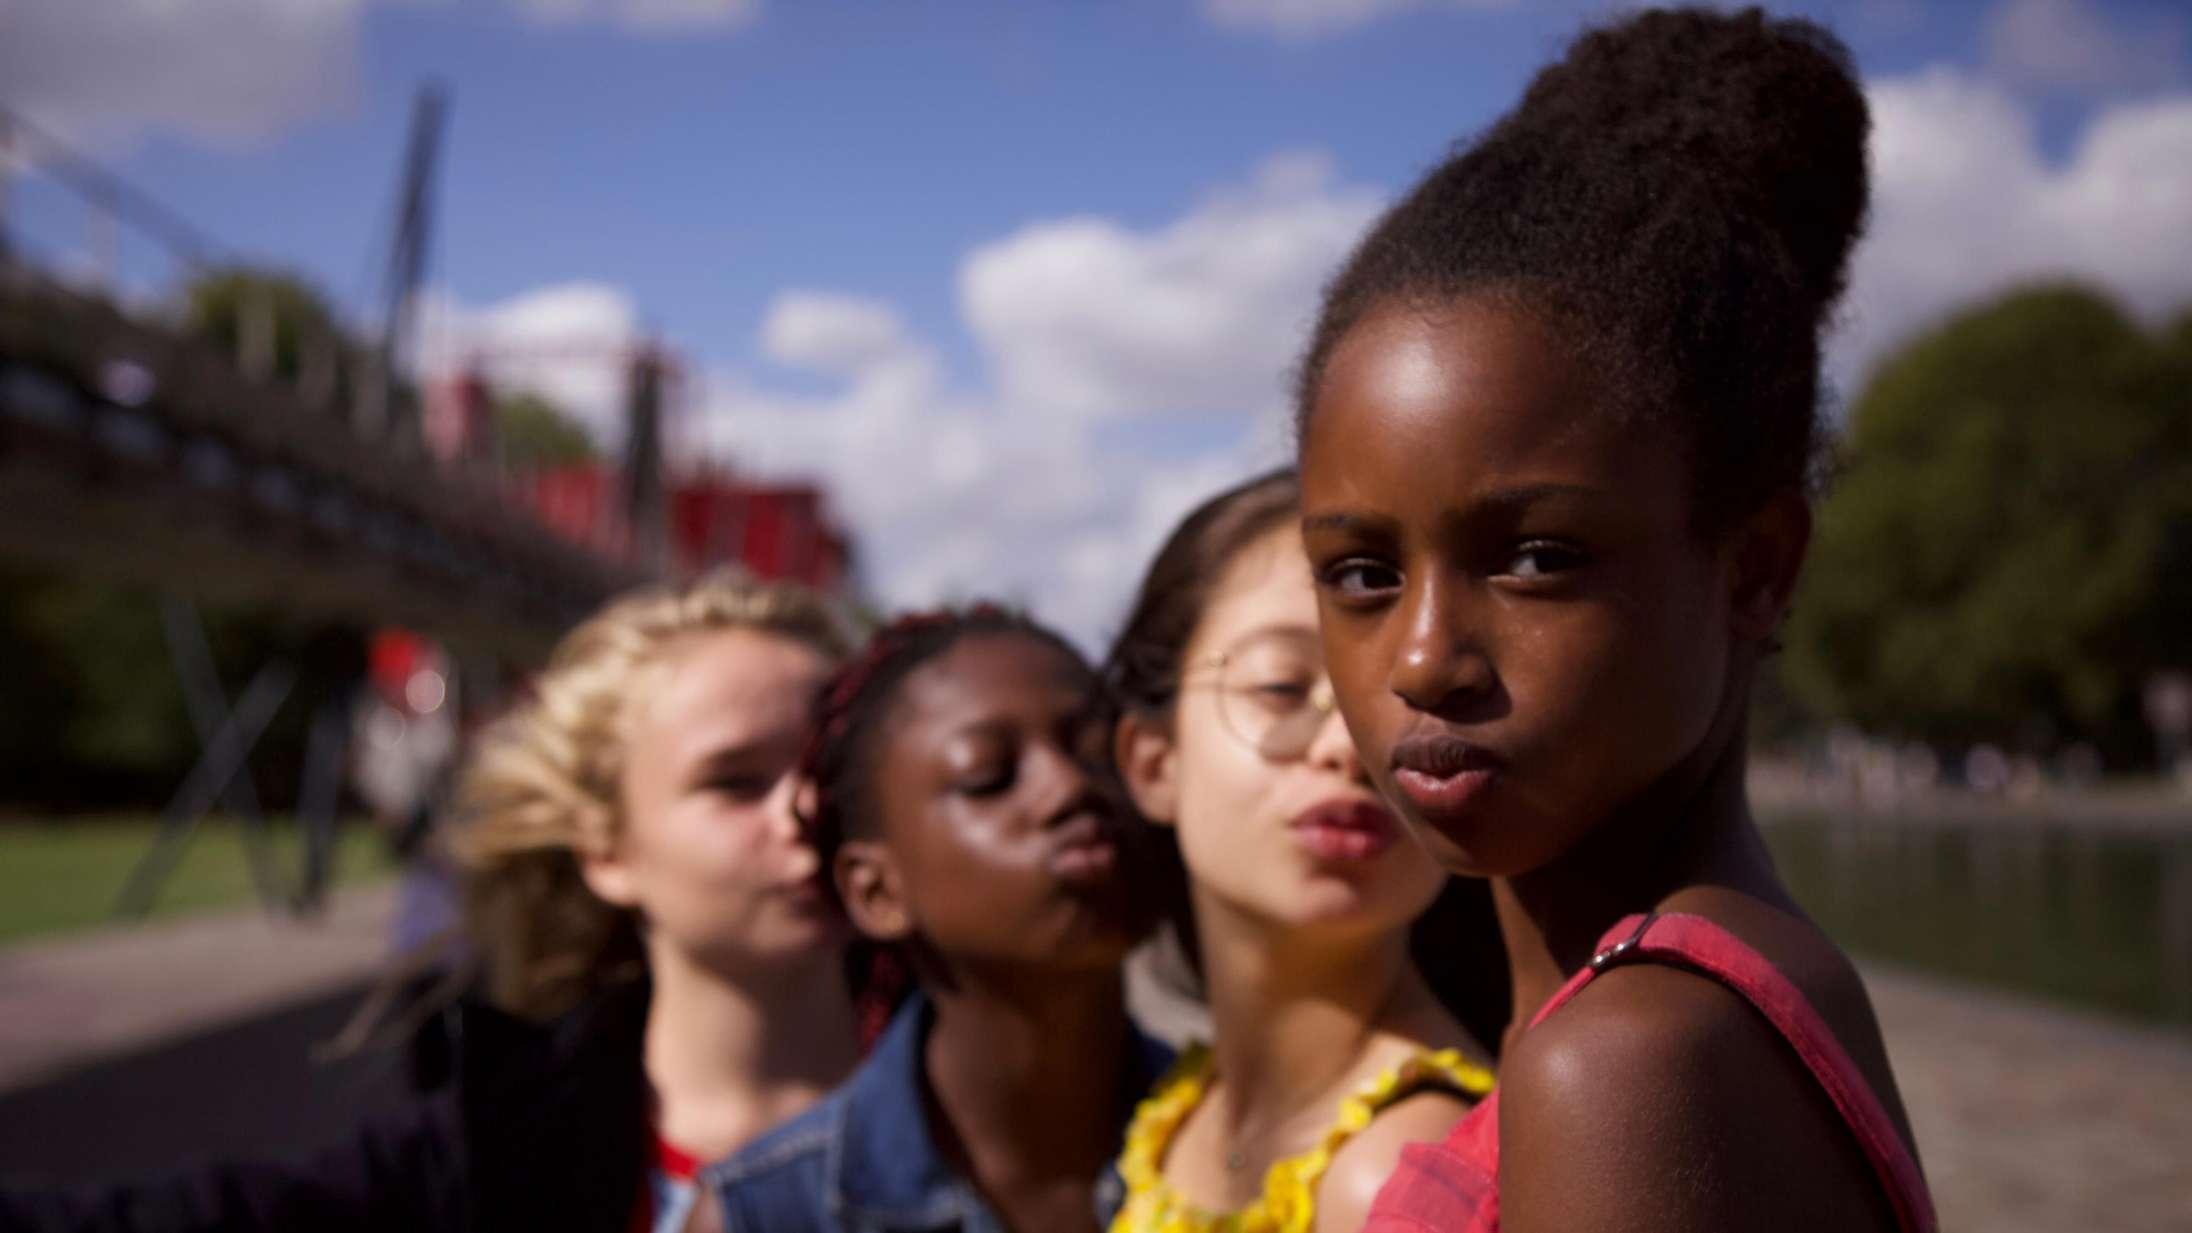 'Cuties': Nu har vi set filmen, der får folk til at opsige Netflix